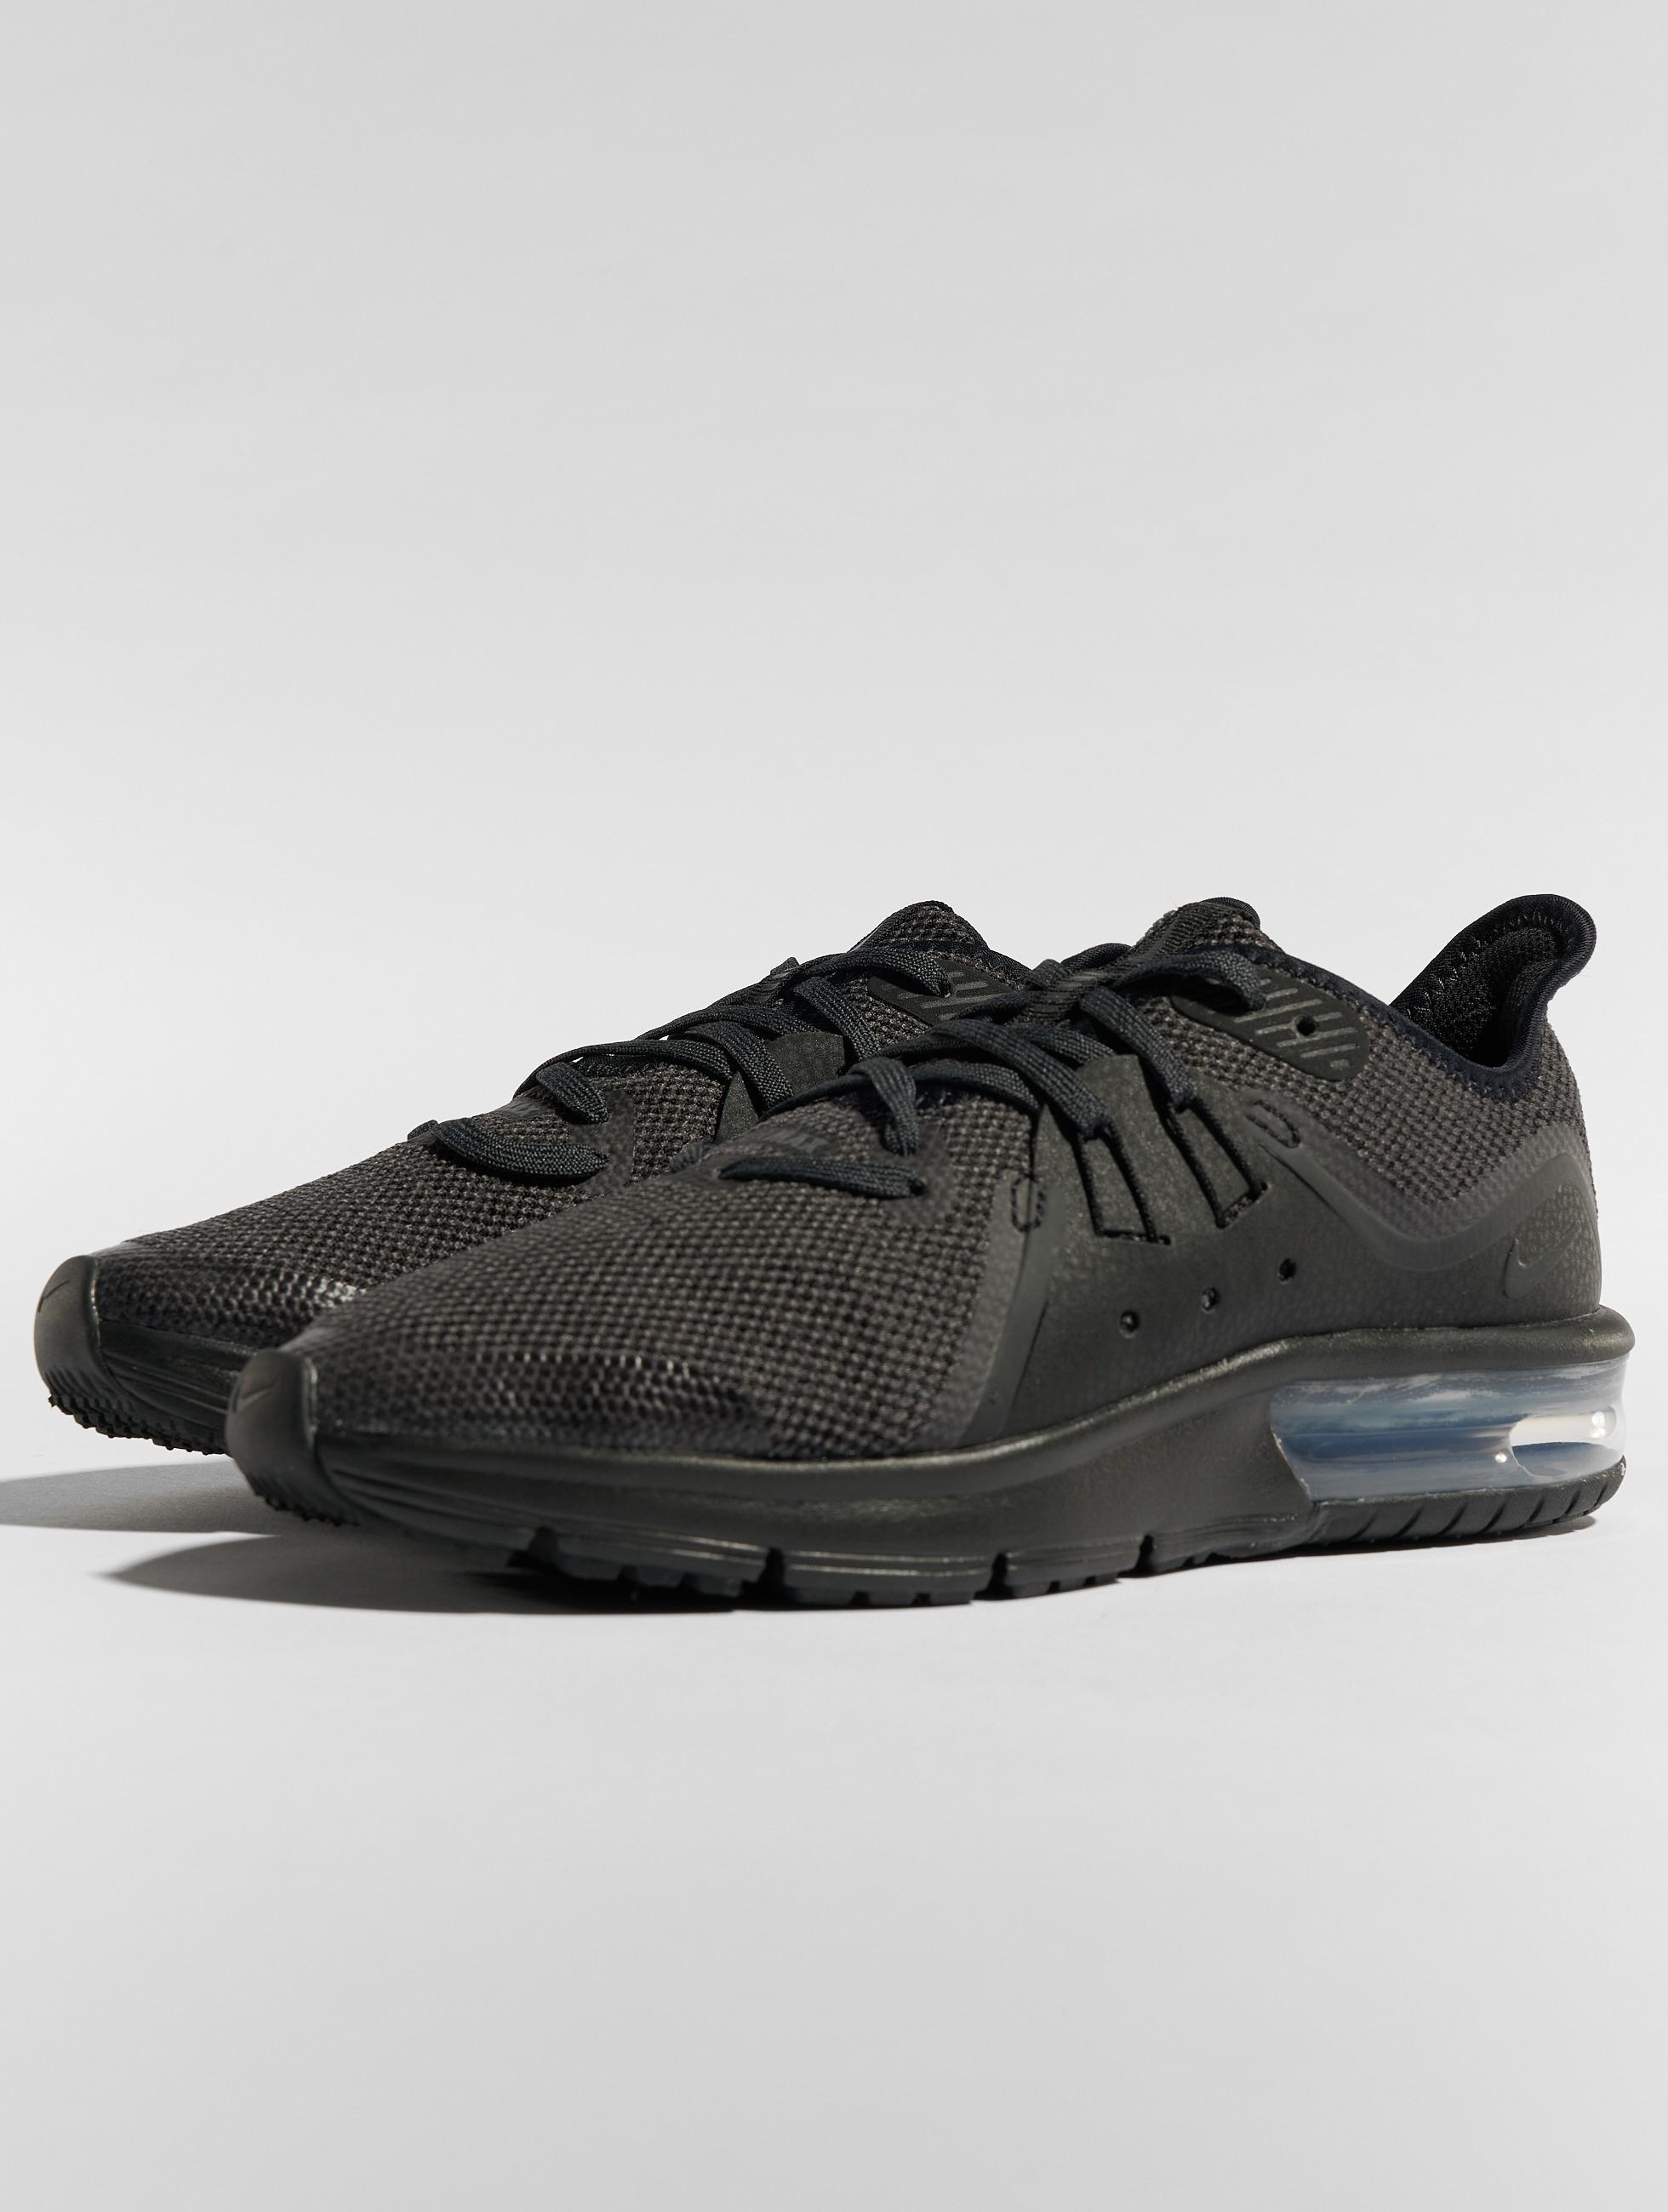 27a923266f3 Nike schoen / sneaker Air Max Sequent 3 in zwart 545160